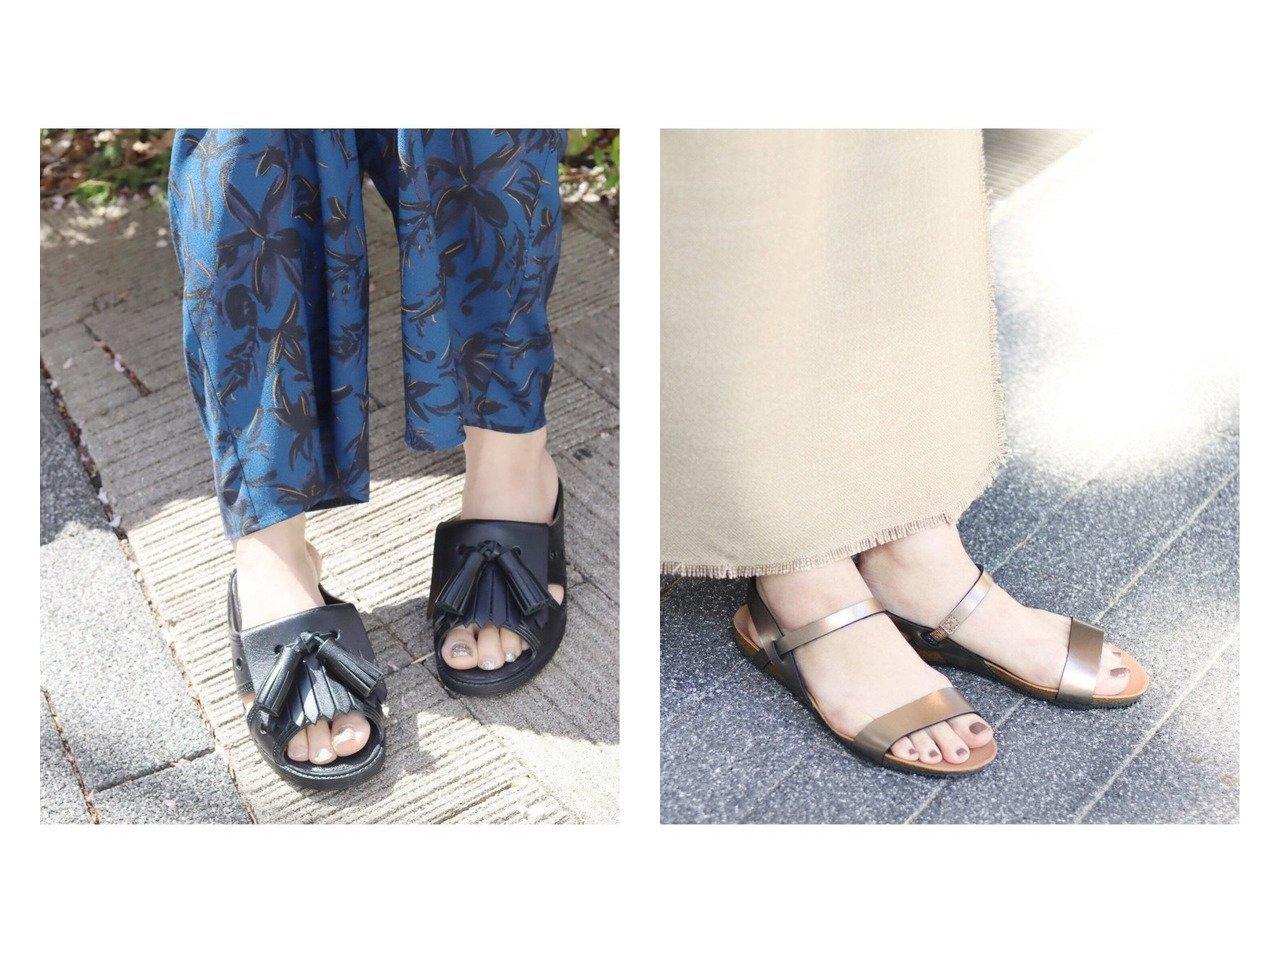 【Le Talon/ル タロン】のPLAKTON ベッチュウストラップサンダル&【JOURNAL STANDARD/ジャーナルスタンダード】の【ベンチ】 BENSAN-D TUSSEL サンダル 【シューズ・靴】おすすめ!人気、トレンド・レディースファッションの通販 おすすめで人気の流行・トレンド、ファッションの通販商品 メンズファッション・キッズファッション・インテリア・家具・レディースファッション・服の通販 founy(ファニー) https://founy.com/ ファッション Fashion レディースファッション WOMEN サンダル シューズ シンプル 定番 Standard 別注 ミュール ラップ 2021年 2021 S/S・春夏 SS・Spring/Summer 2021春夏・S/S SS/Spring/Summer/2021 NEW・新作・新着・新入荷 New Arrivals 抗菌 |ID:crp329100000035484